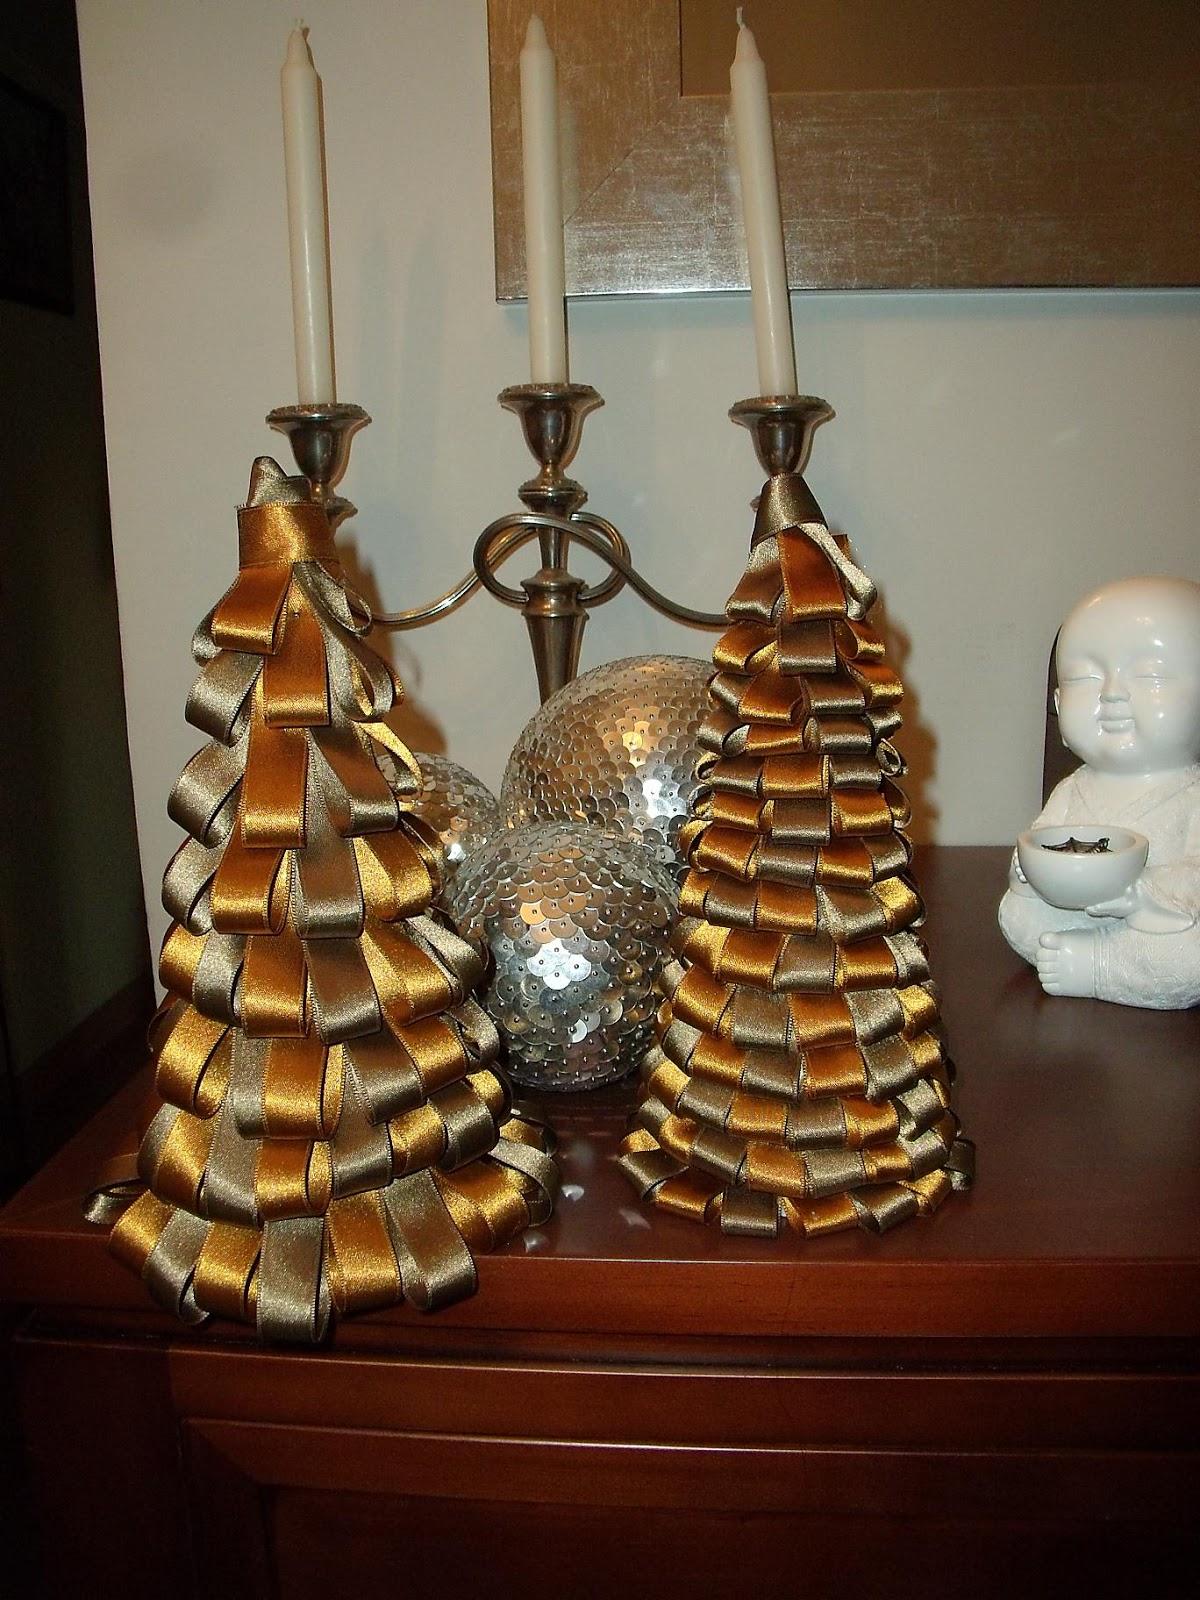 Manualizando octubre 2012 - Lazos arbol navidad ...